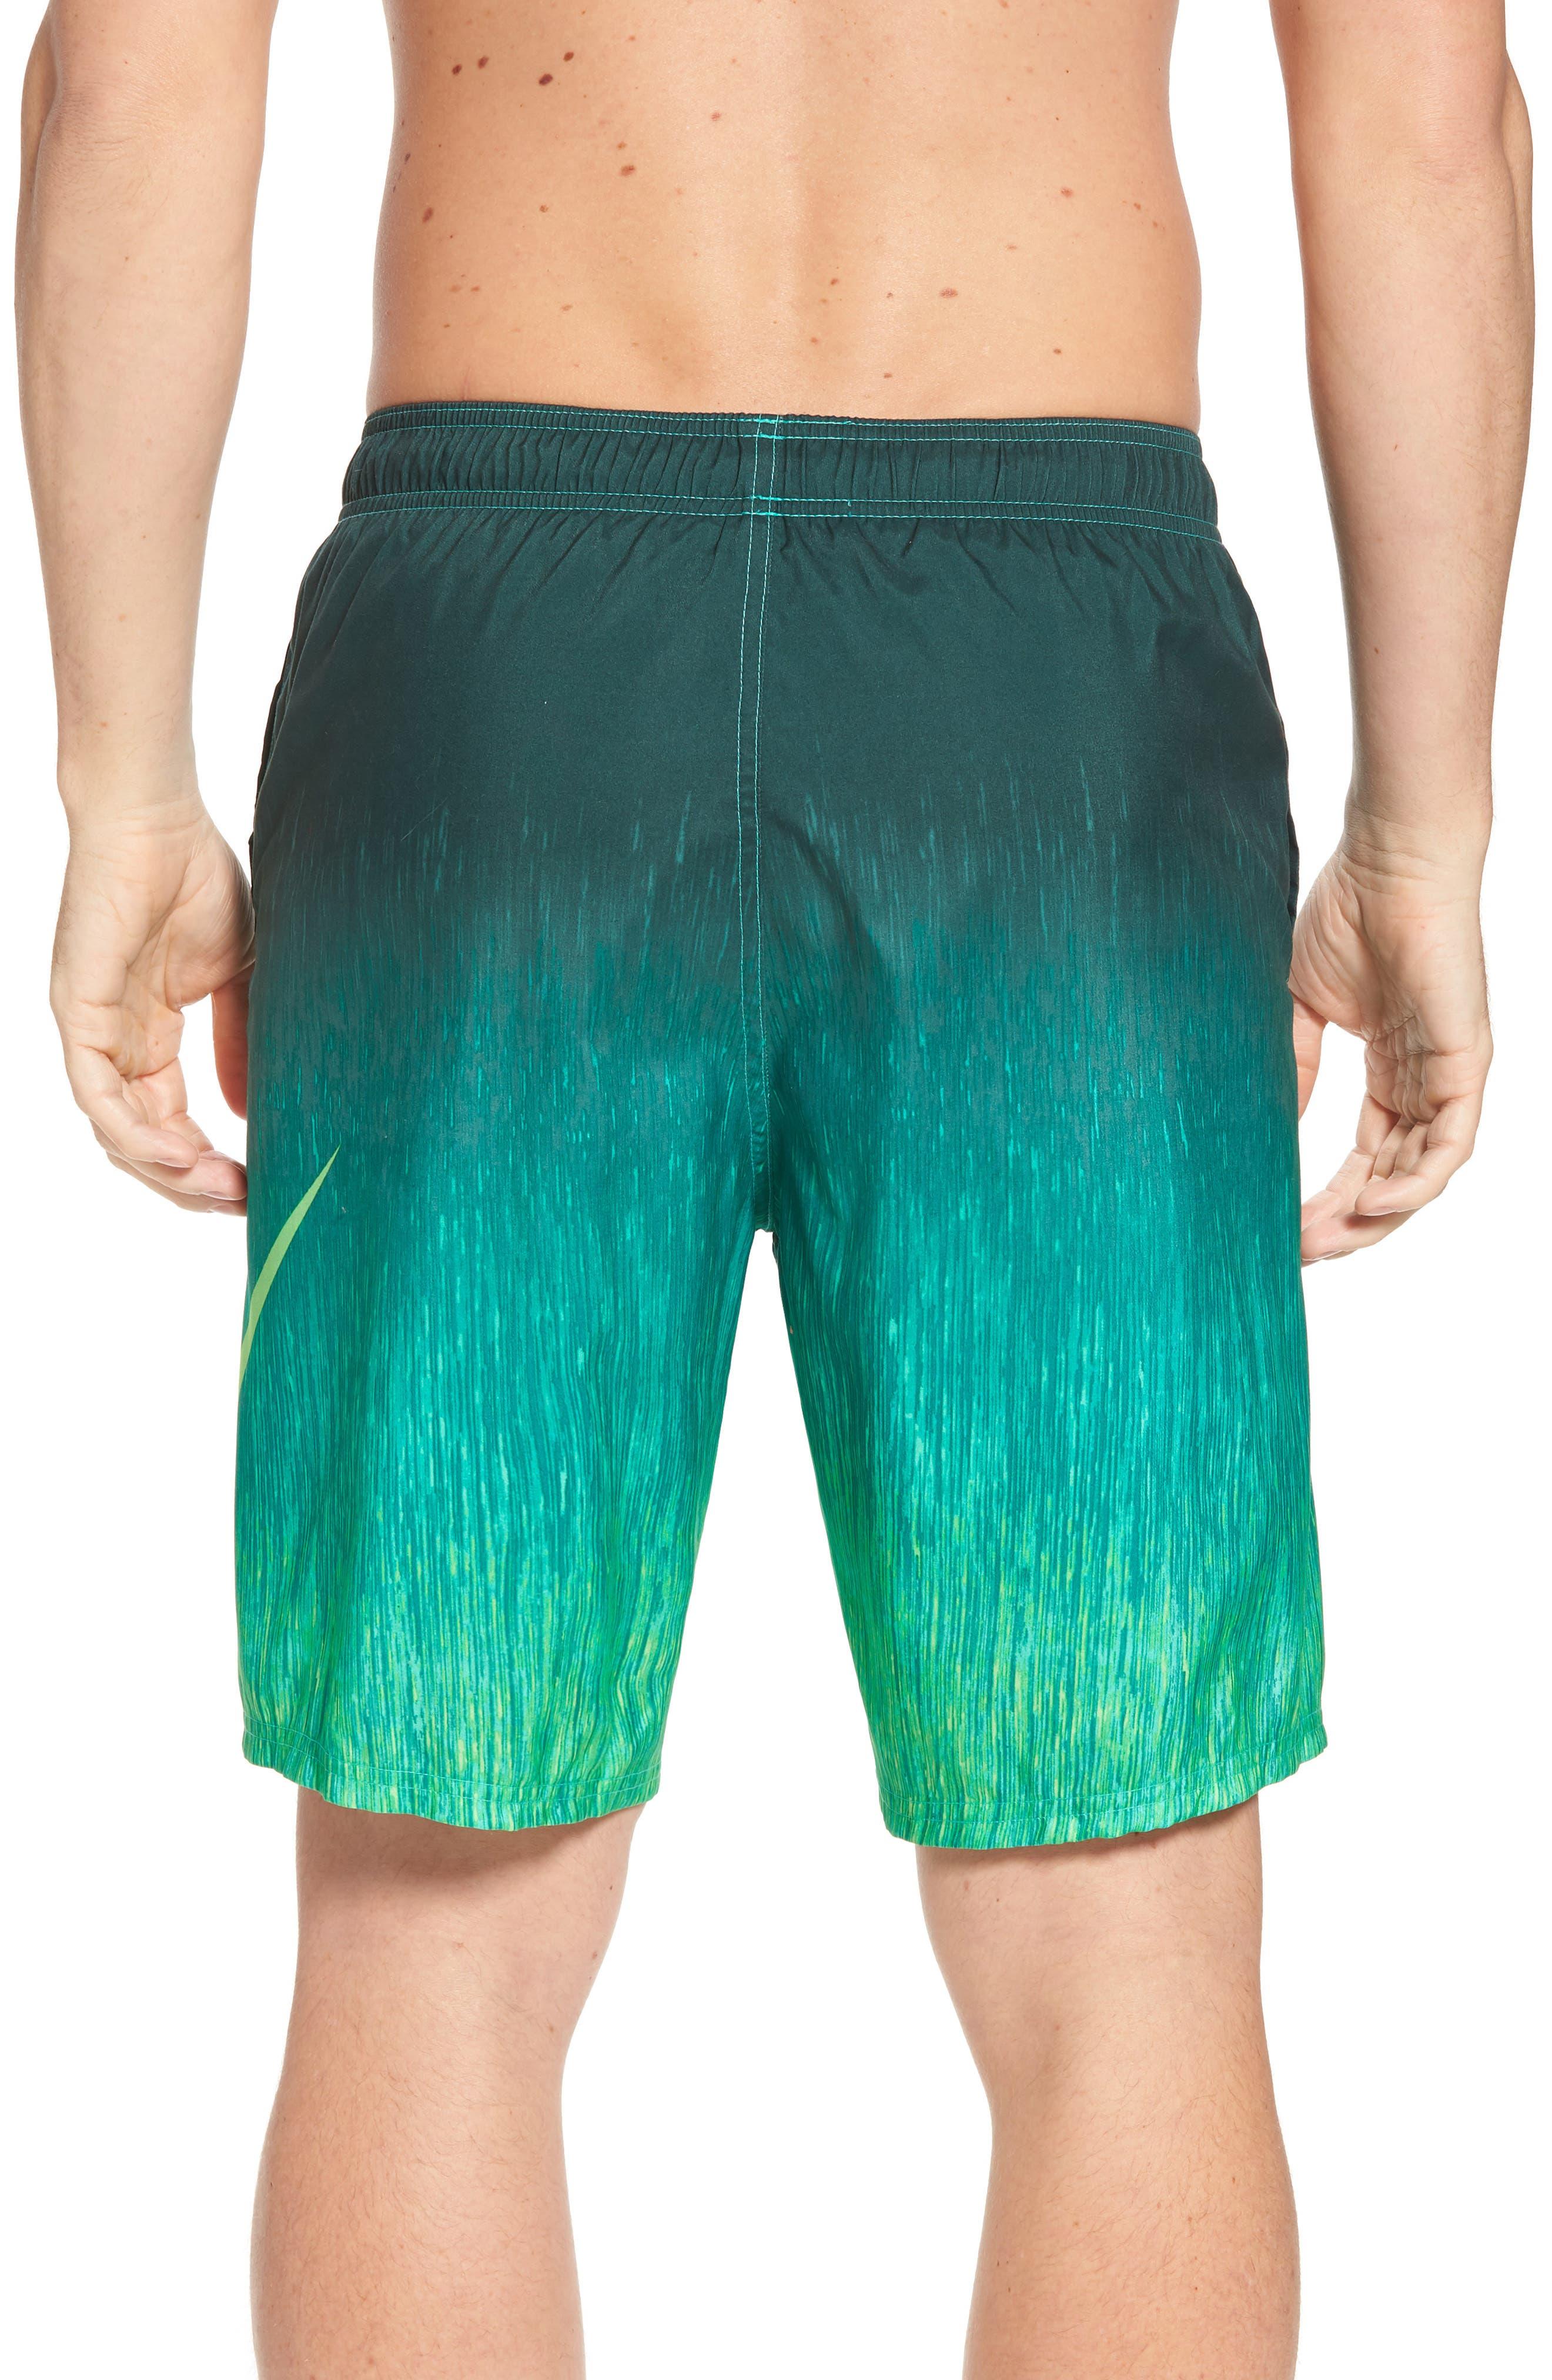 Breaker Swim Trunks,                             Alternate thumbnail 2, color,                             Clear Emerald